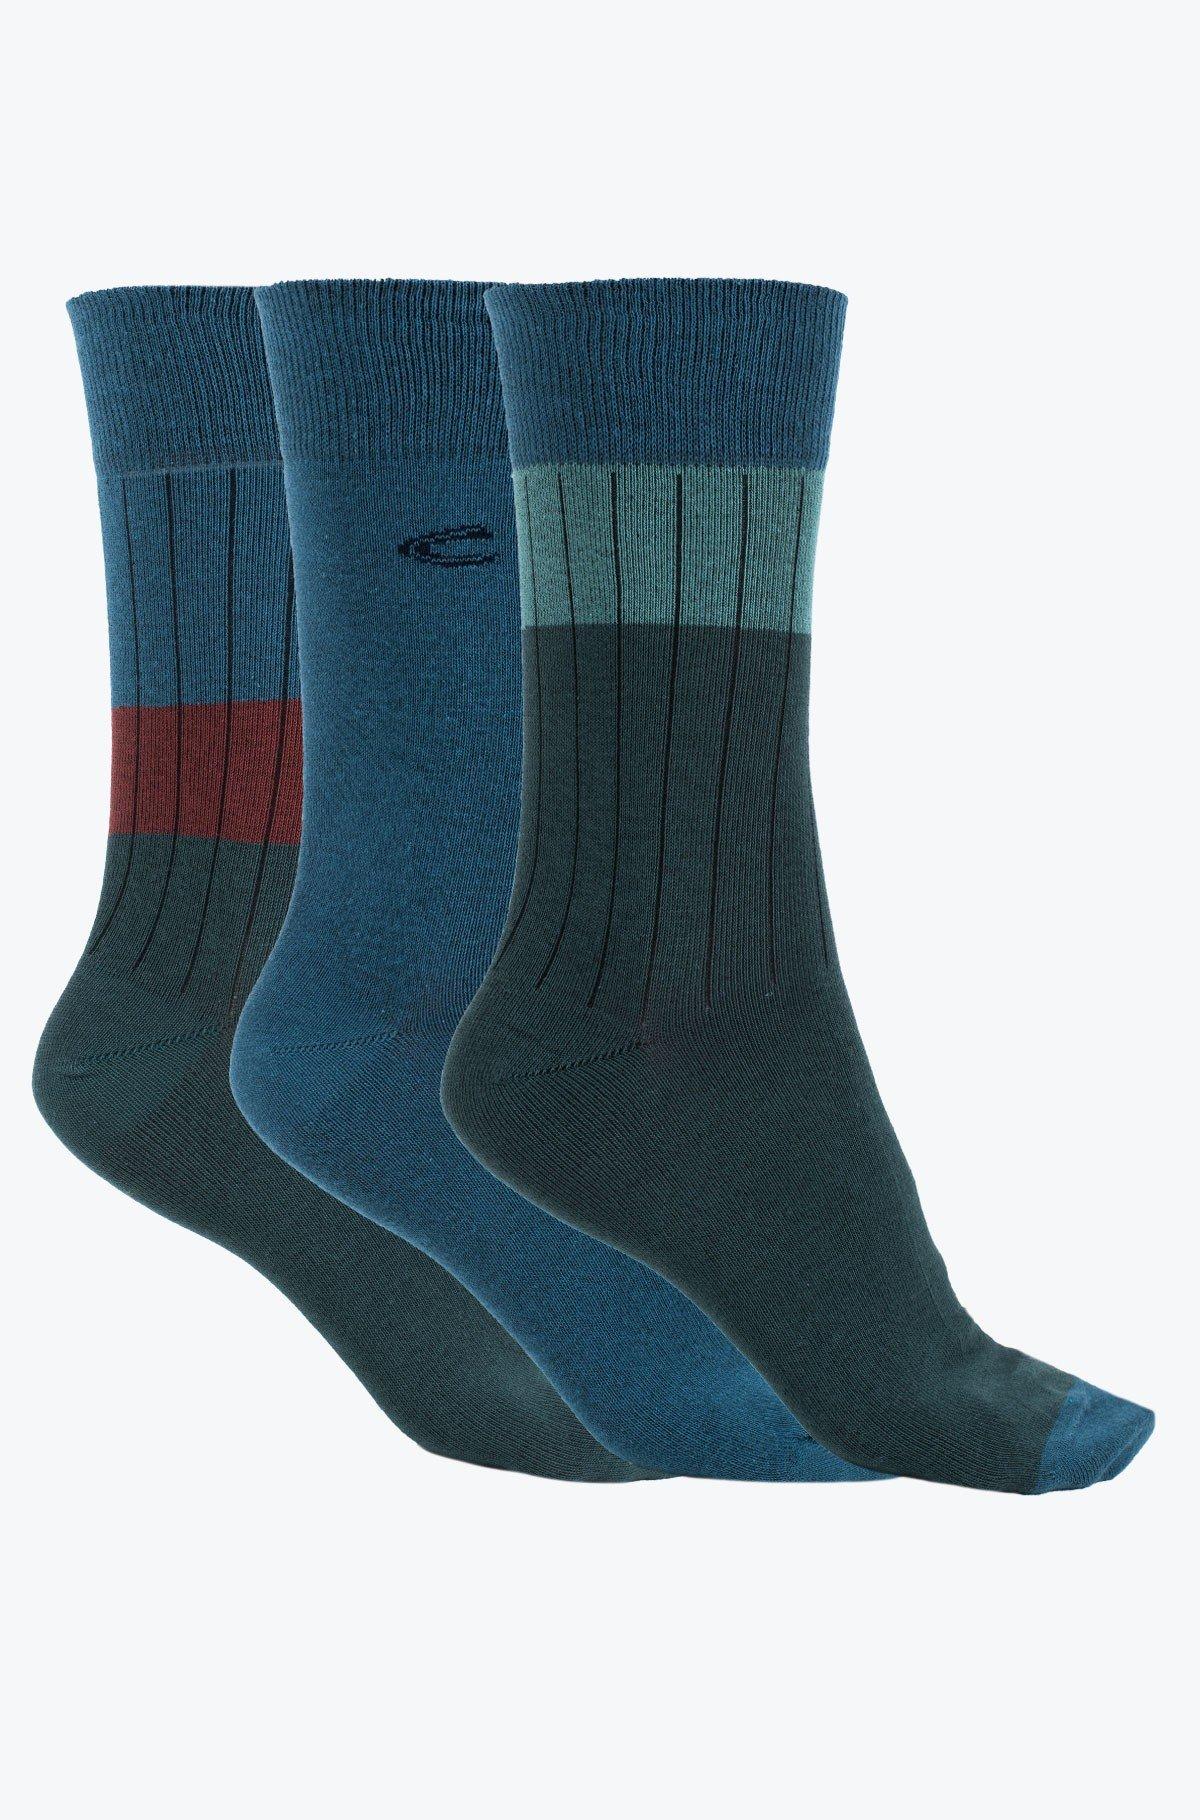 Socks 6469-full-1